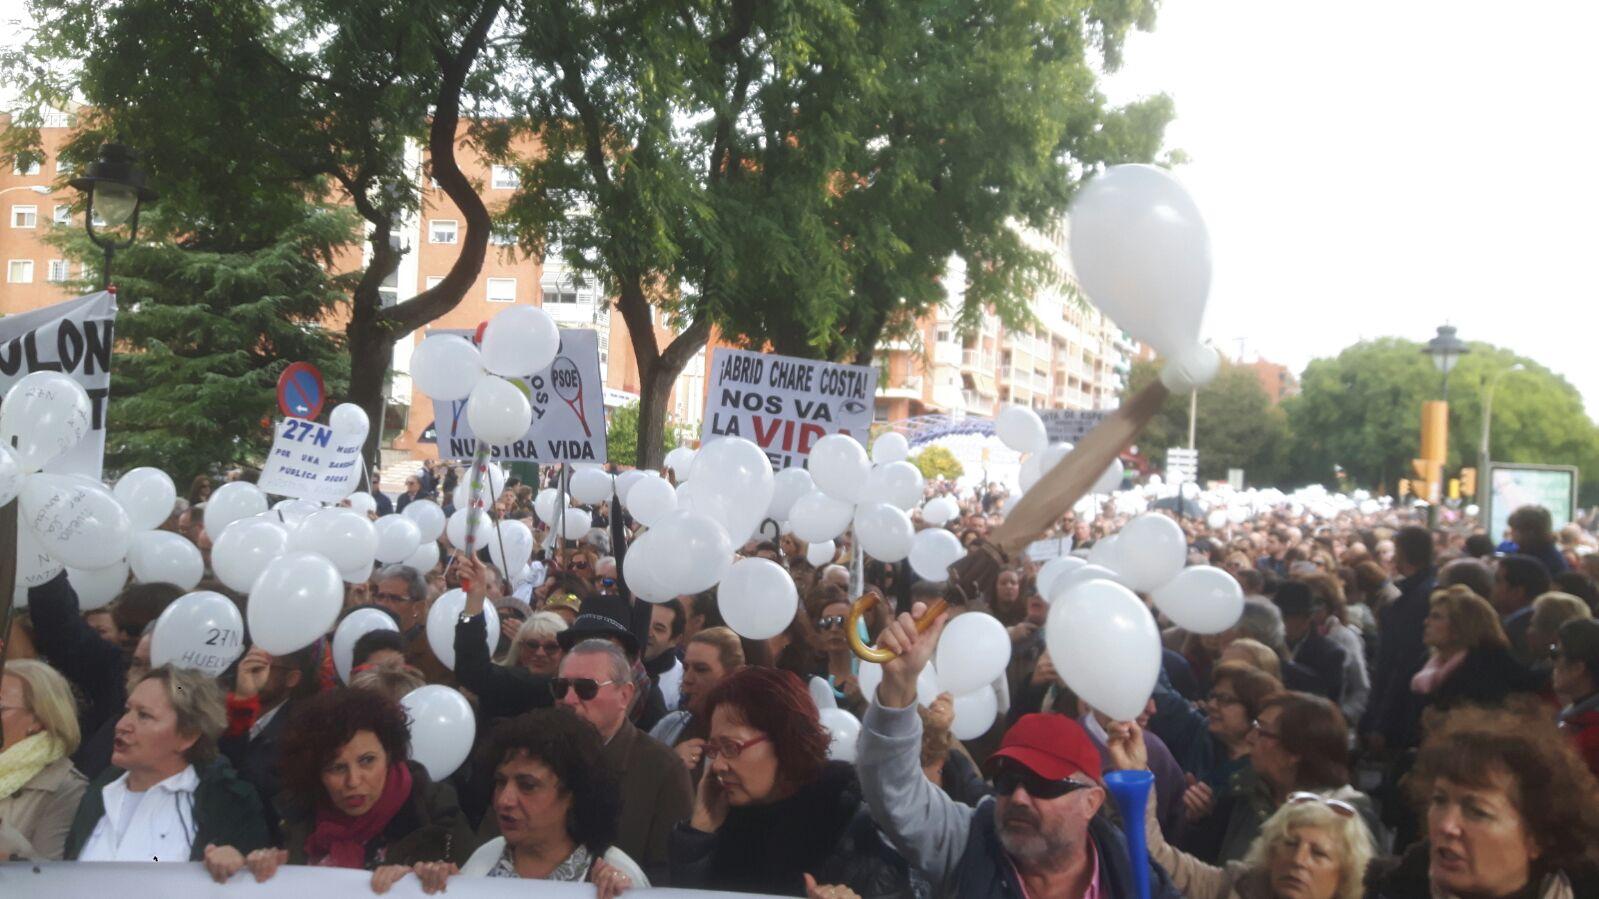 Masiva presencia en la manifestación en defensa de una mejor sanidad en Huelva.